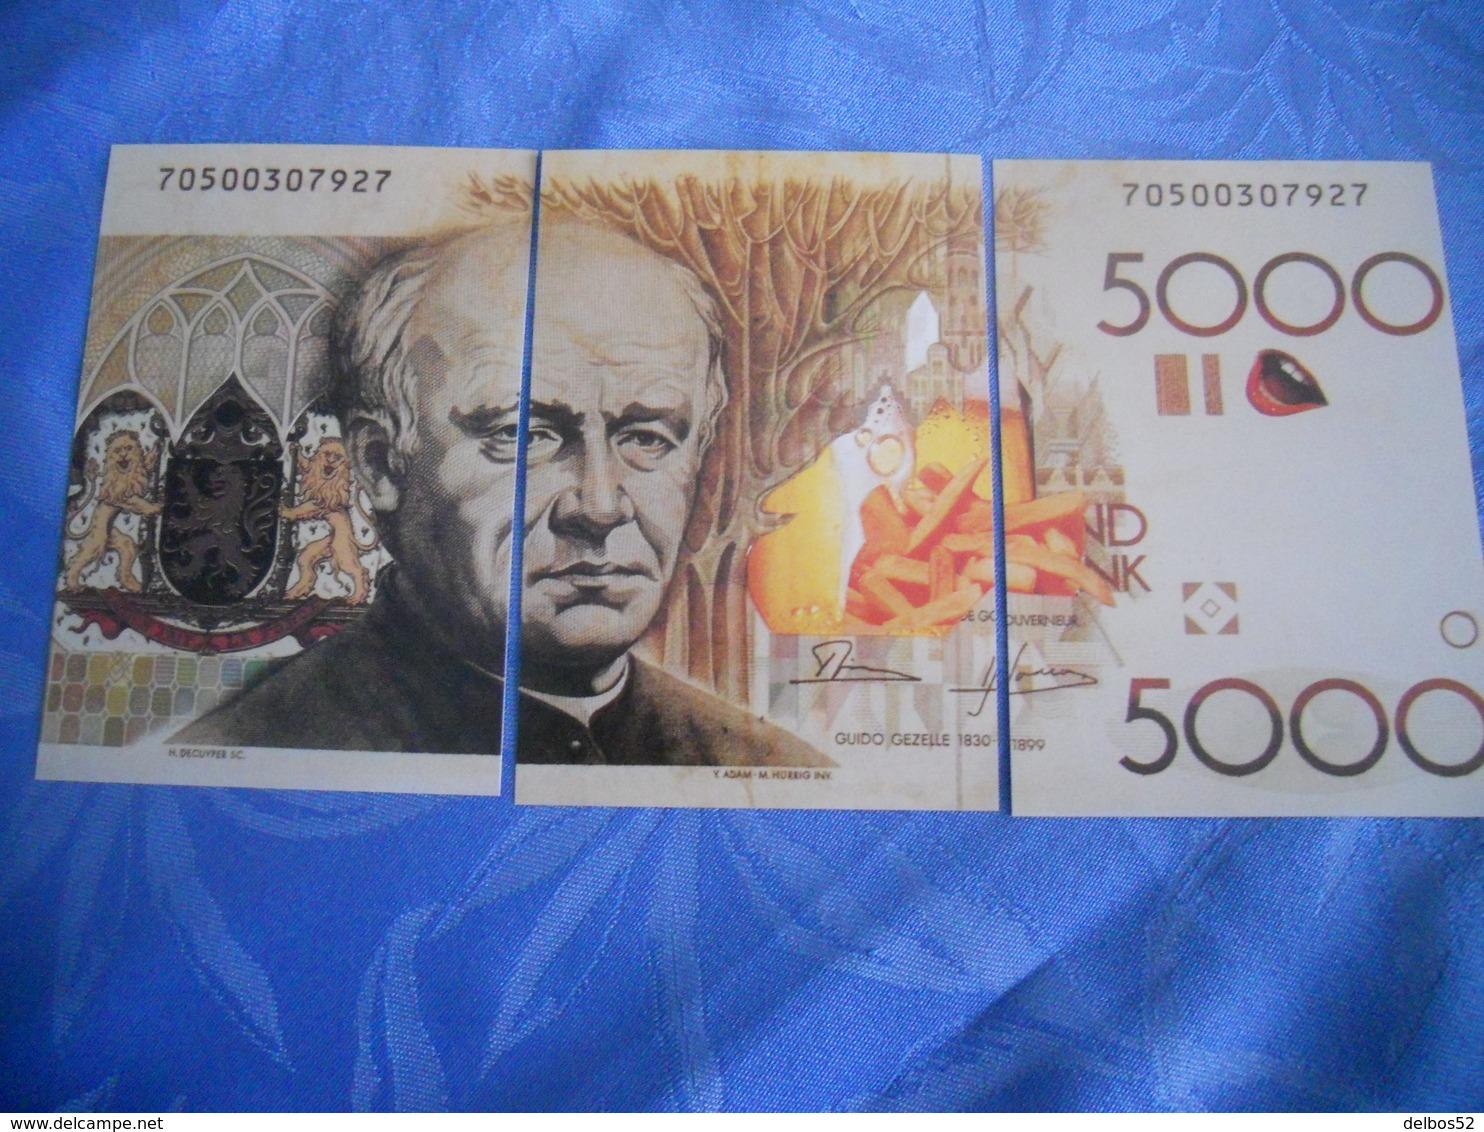 Belgique - Reproduction Et Interpretation Du Billet De 5.000 Mille Francs Belges En Trois Cartes Postales - Belgio